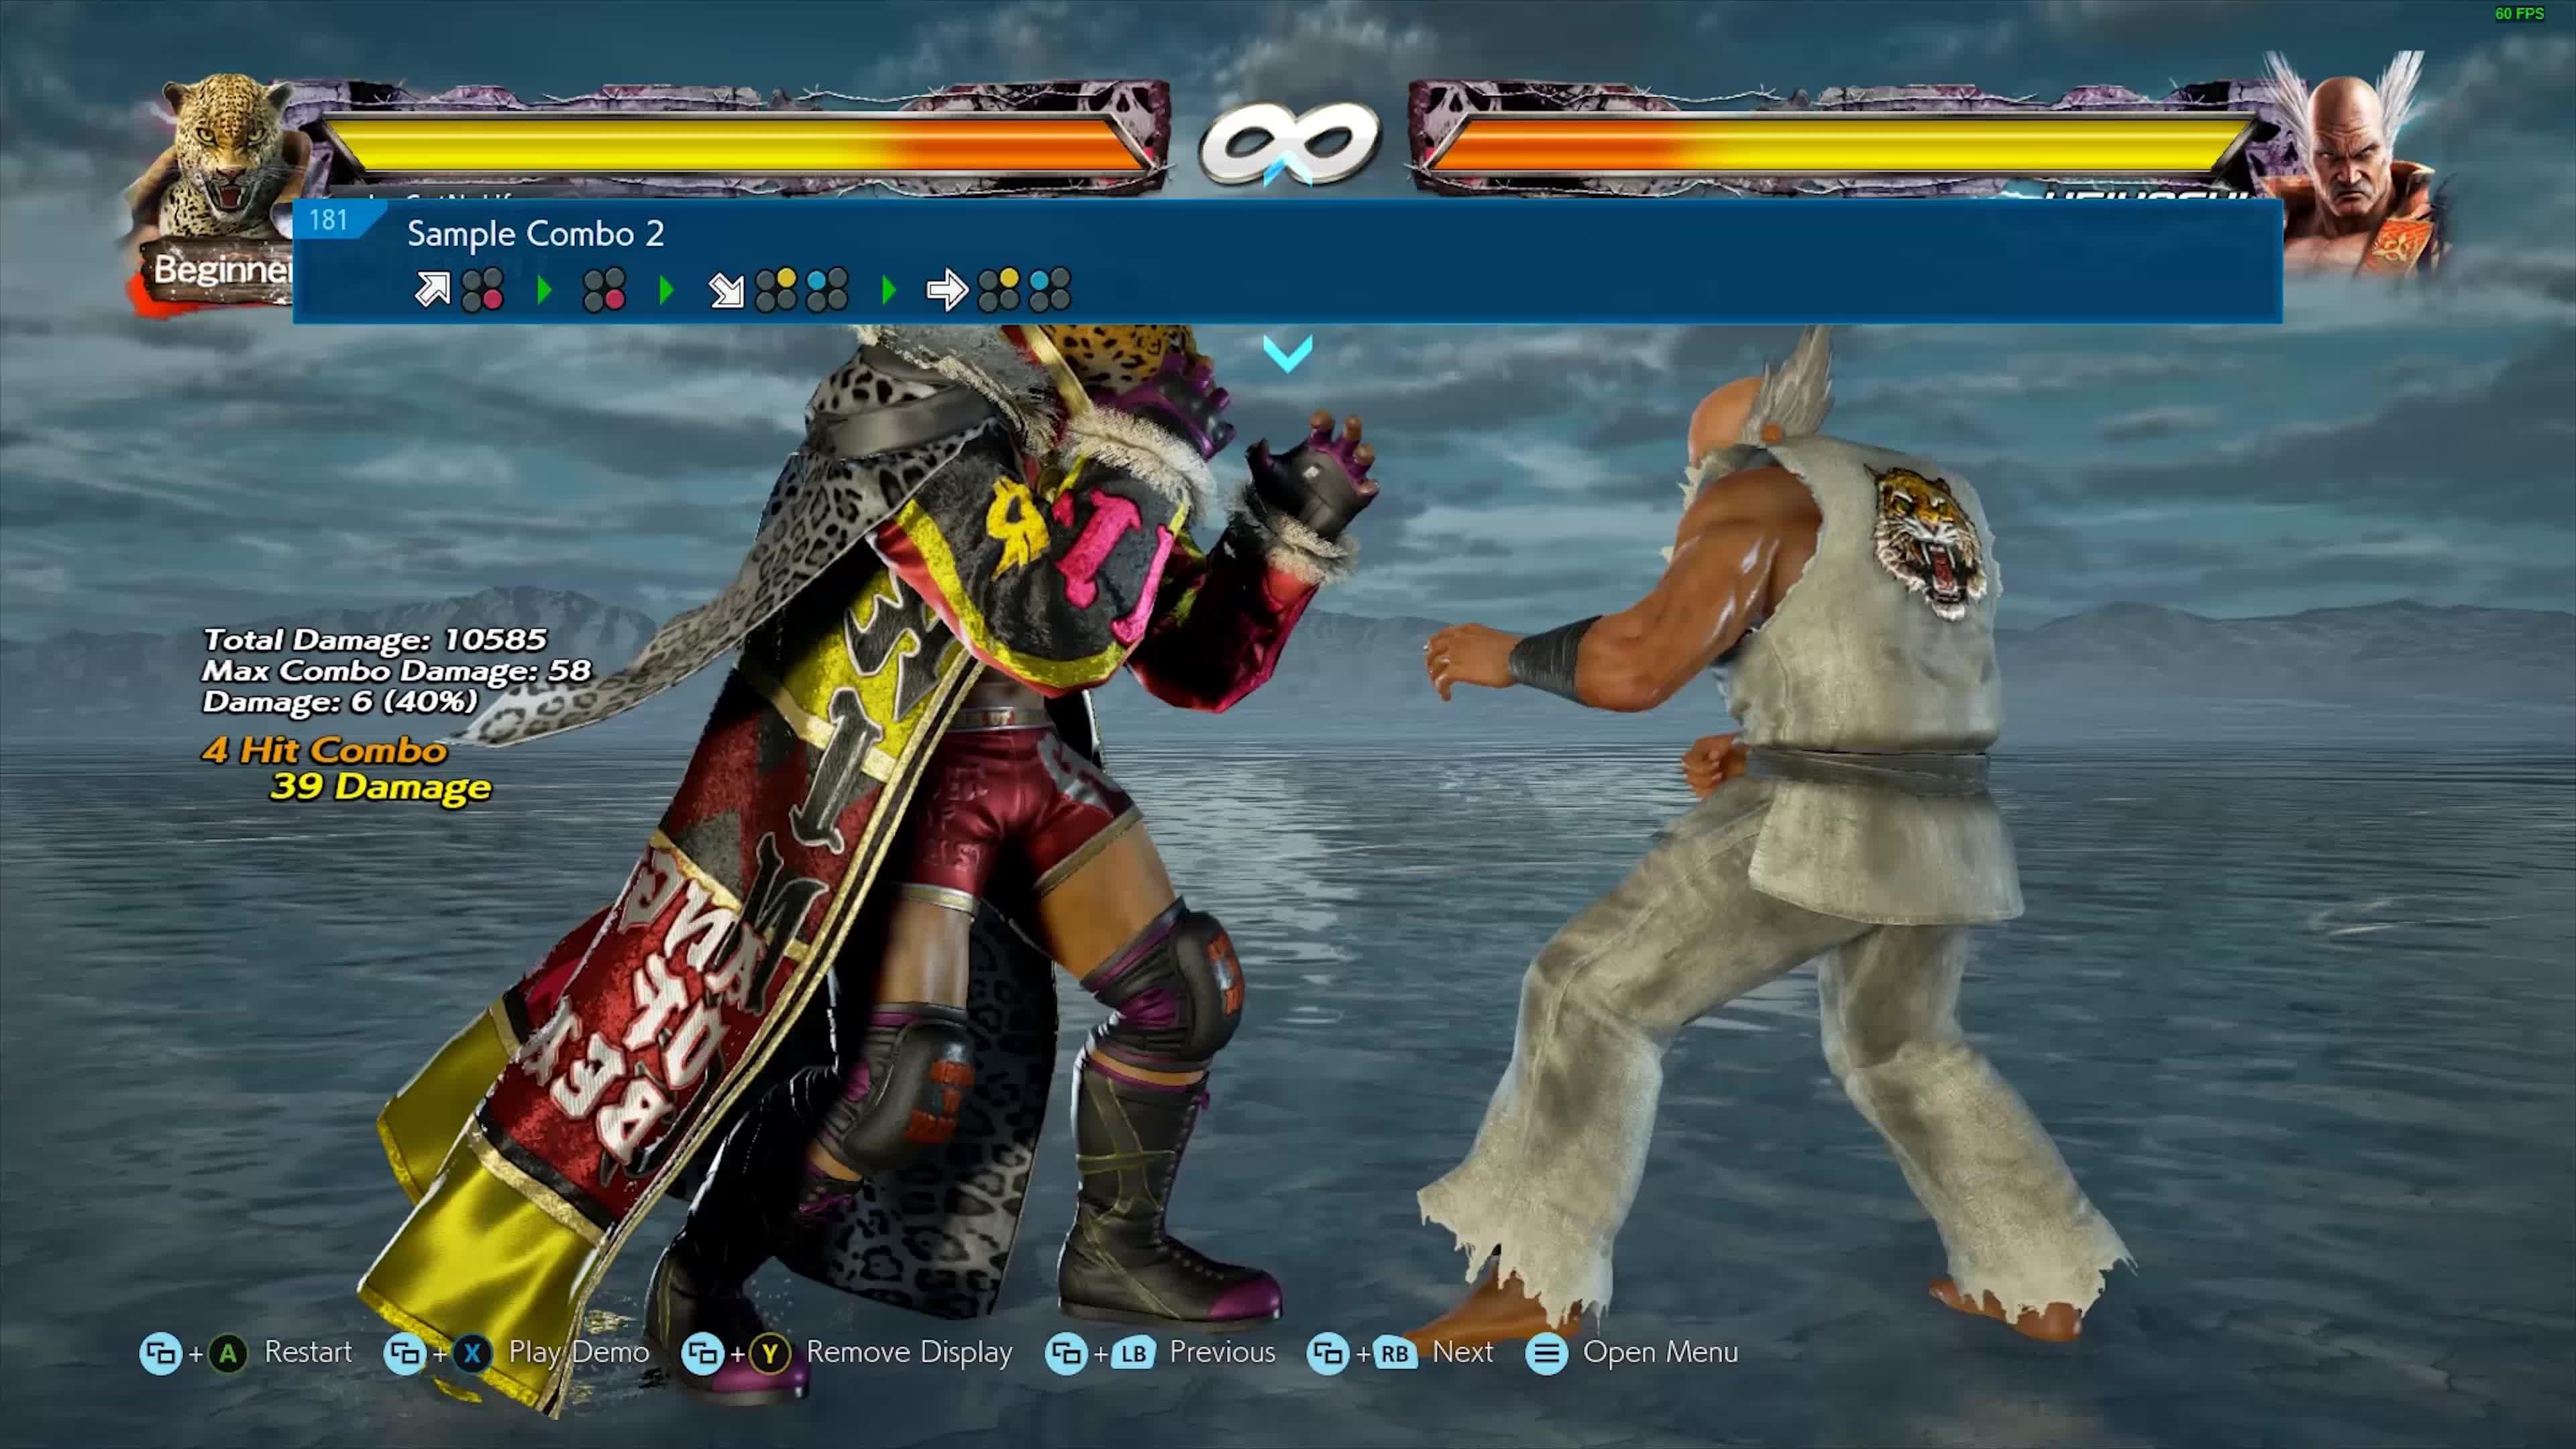 Tekken 7 King combo